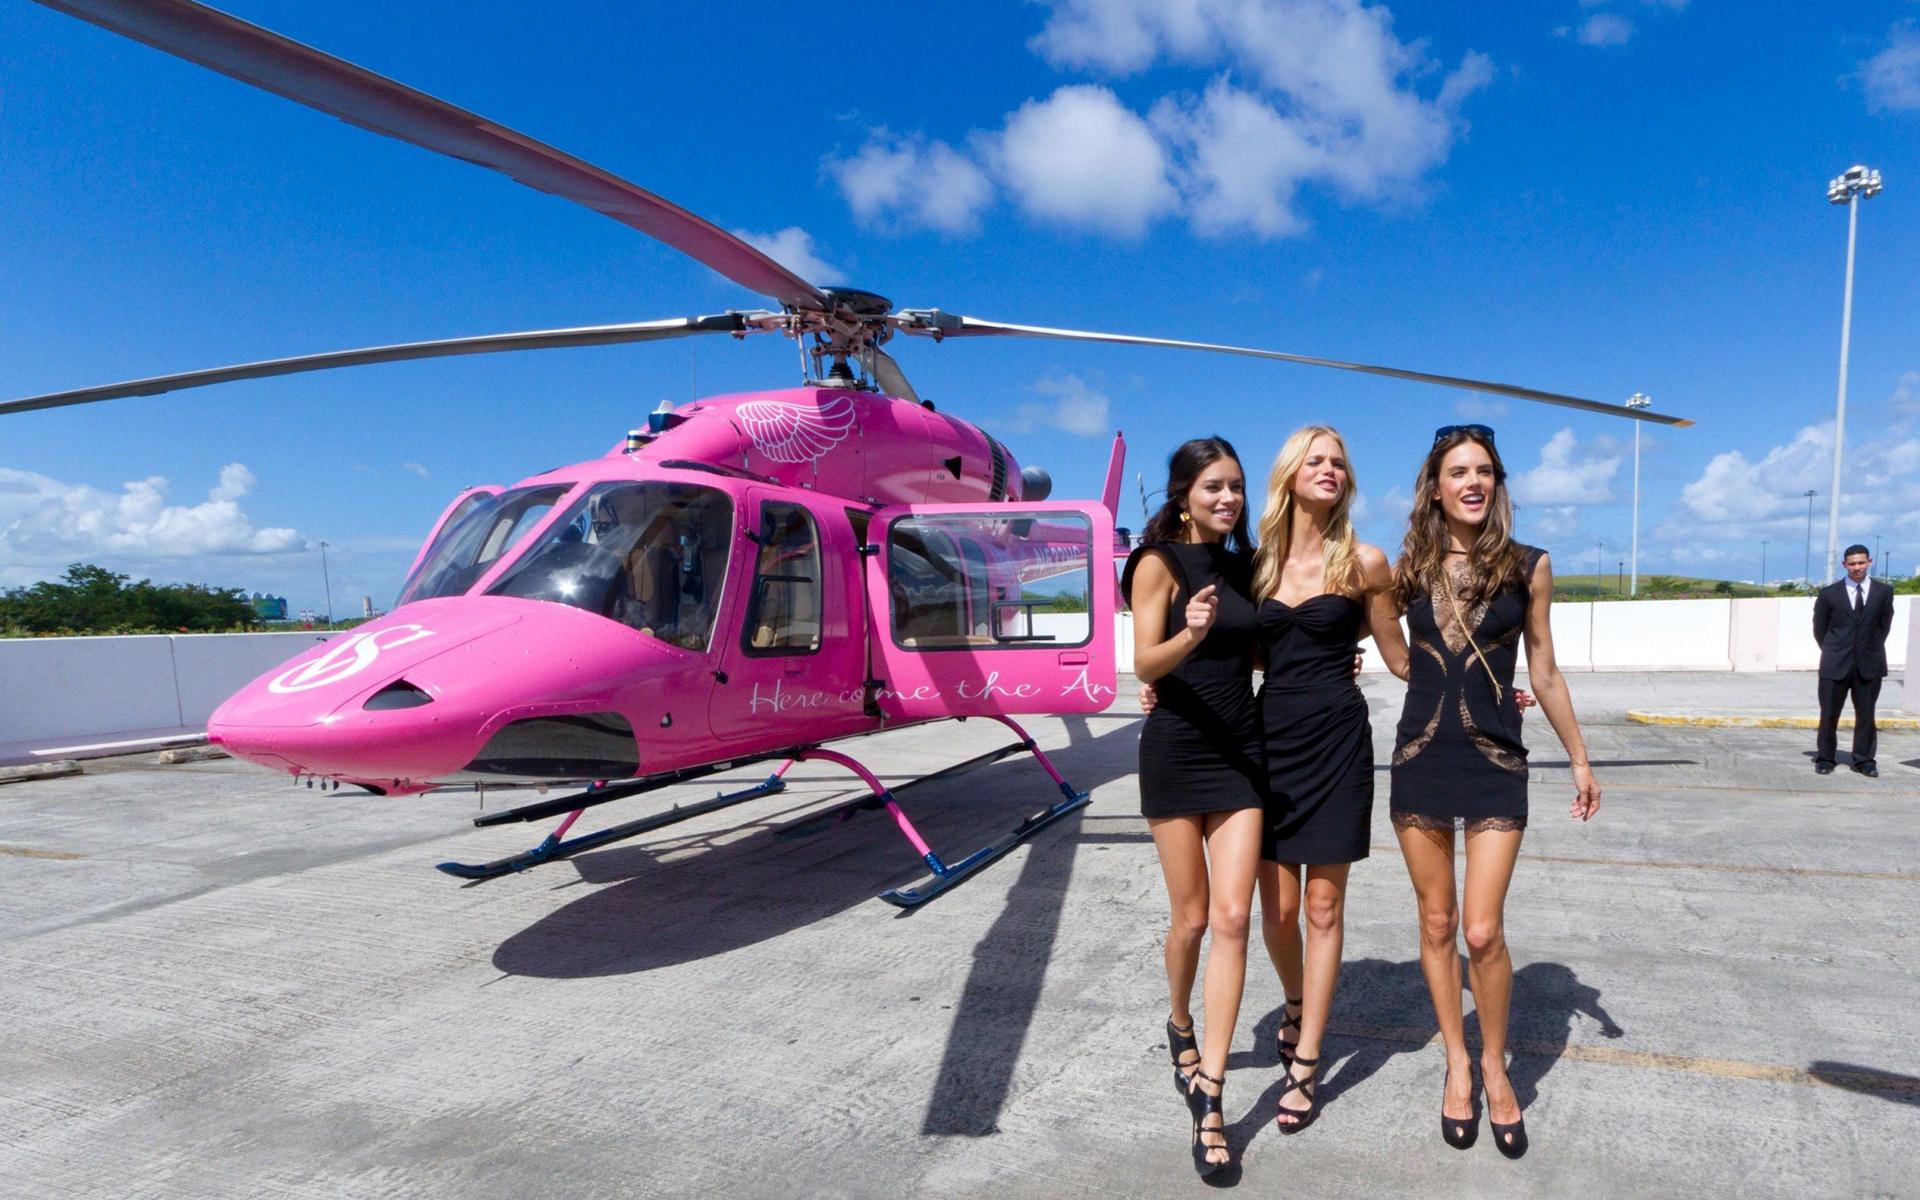 Обои для рабочего стола вертолеты 1280х1024 высокого качества